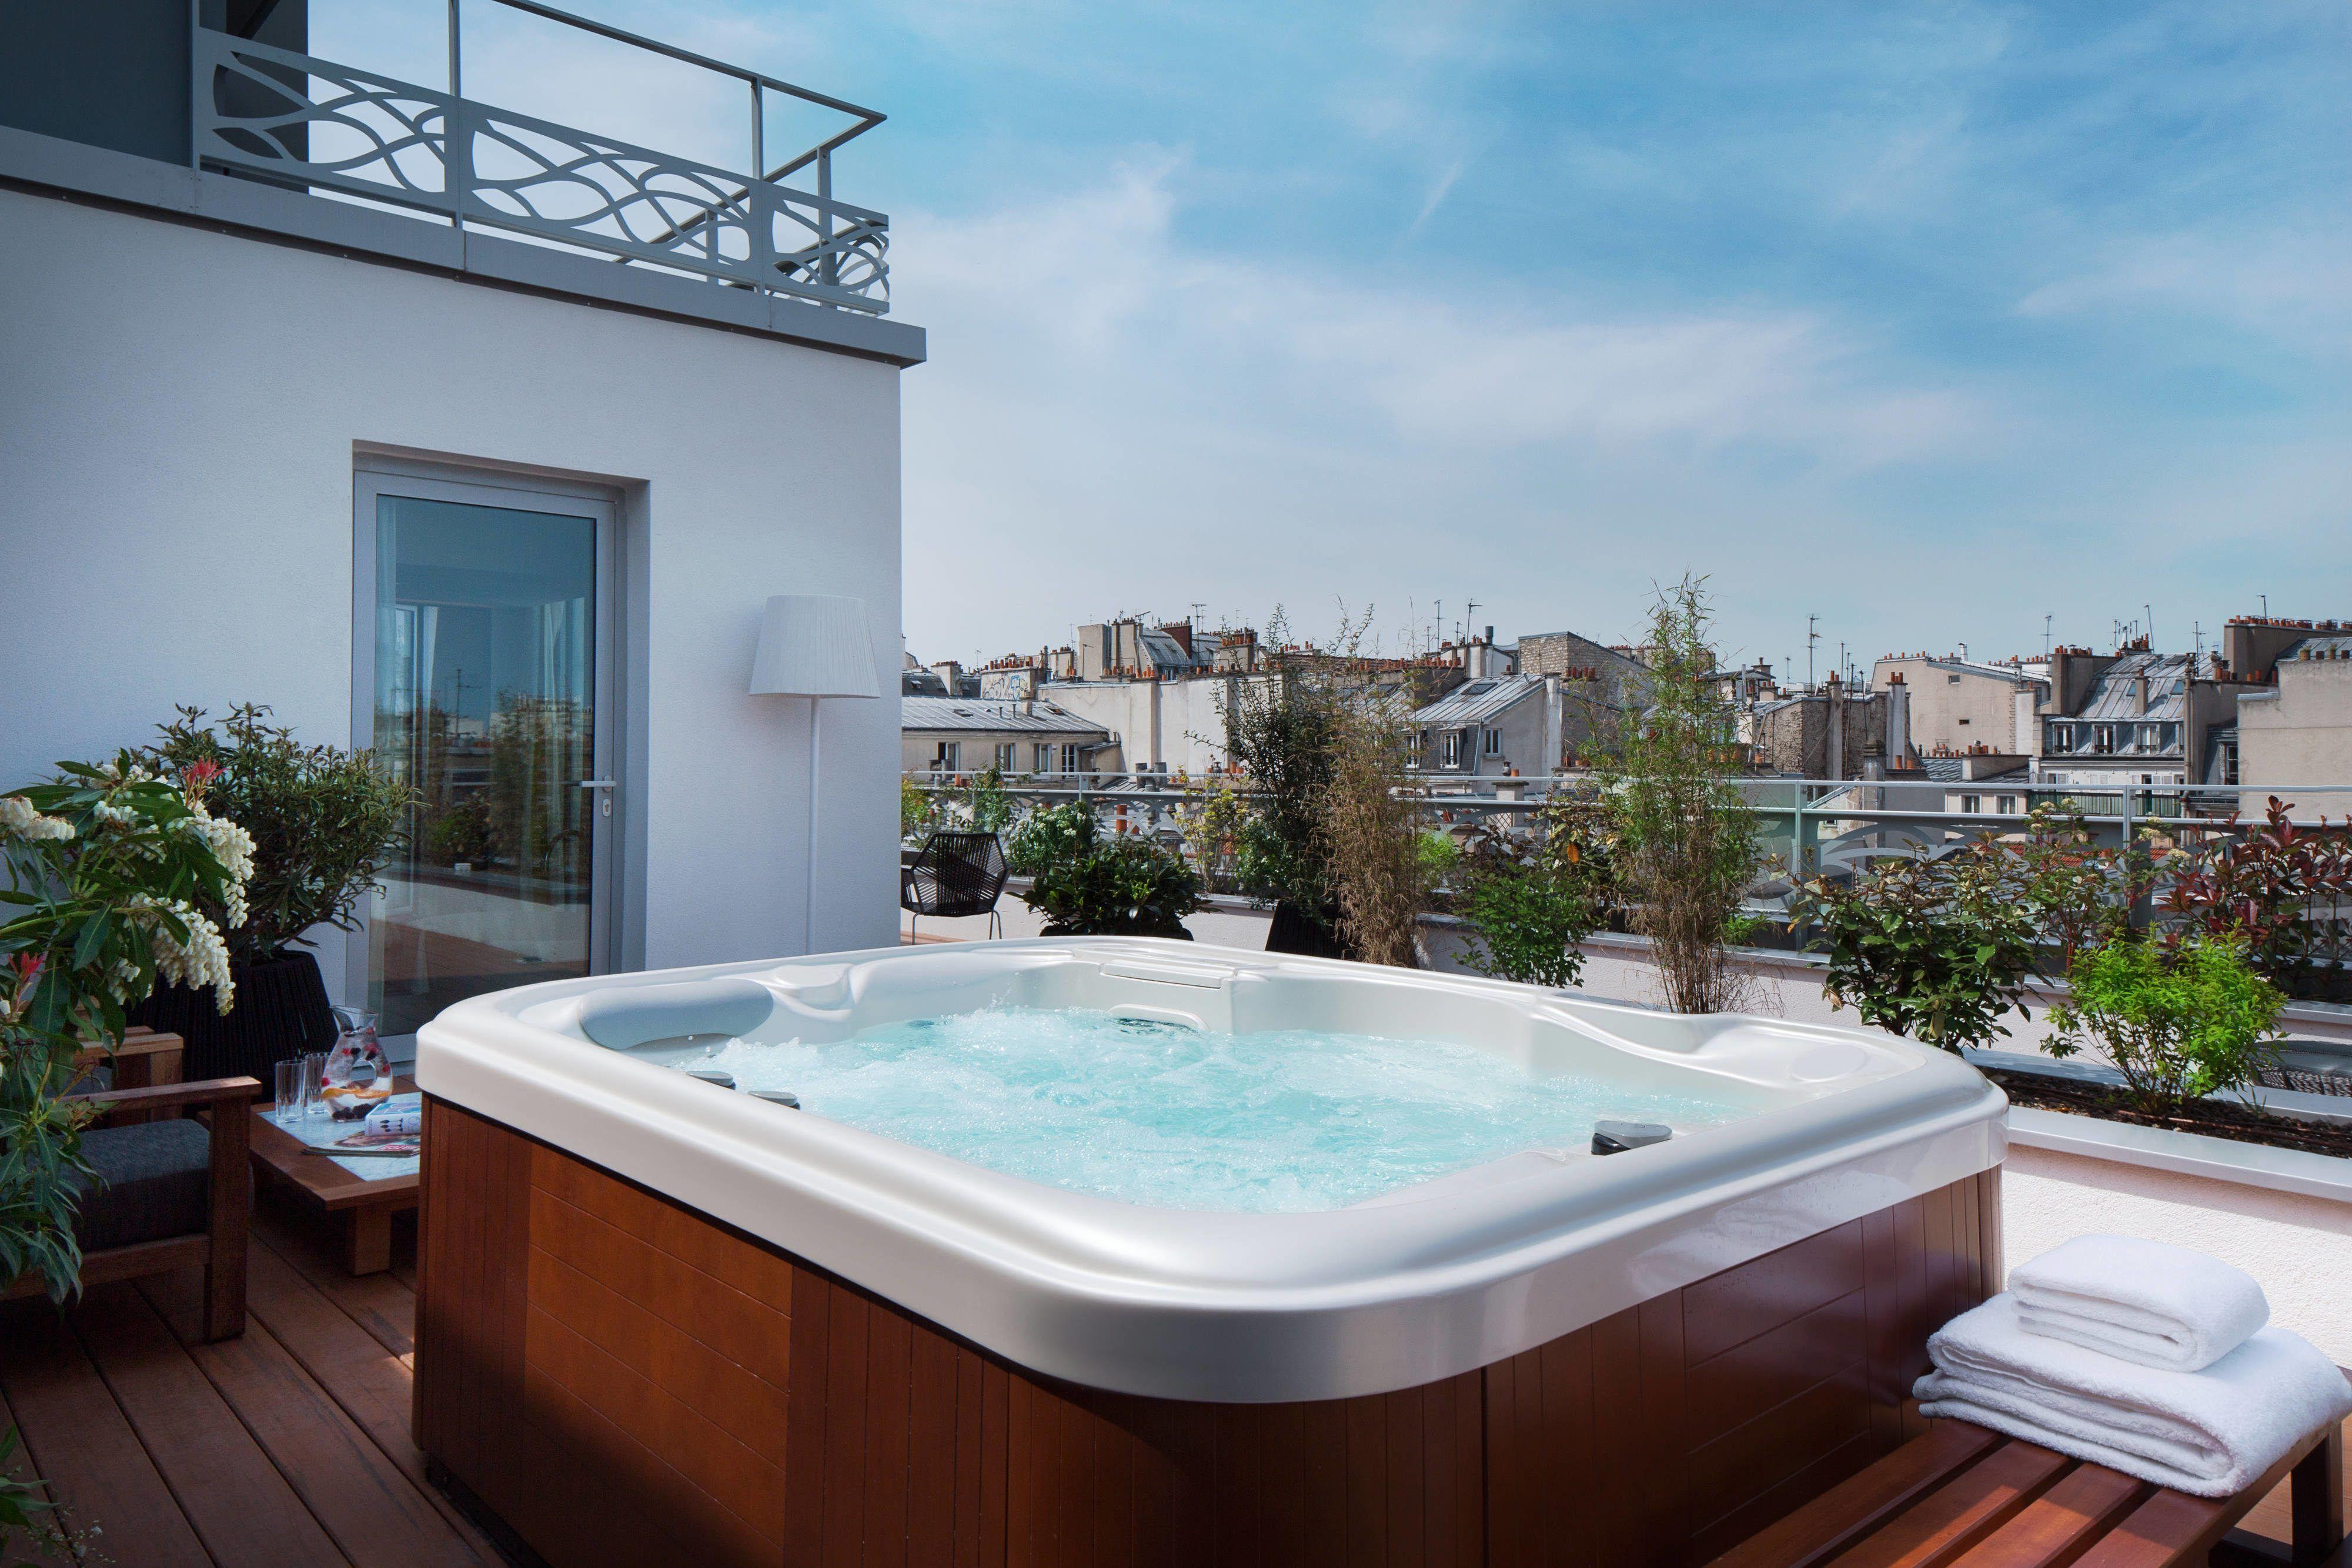 Renaissance Paris Republique Hotel Penthouse Suite Hot Tub Holidays Memorable Travel Hotel Spa Luxurious Bedrooms Best Hotel Deals